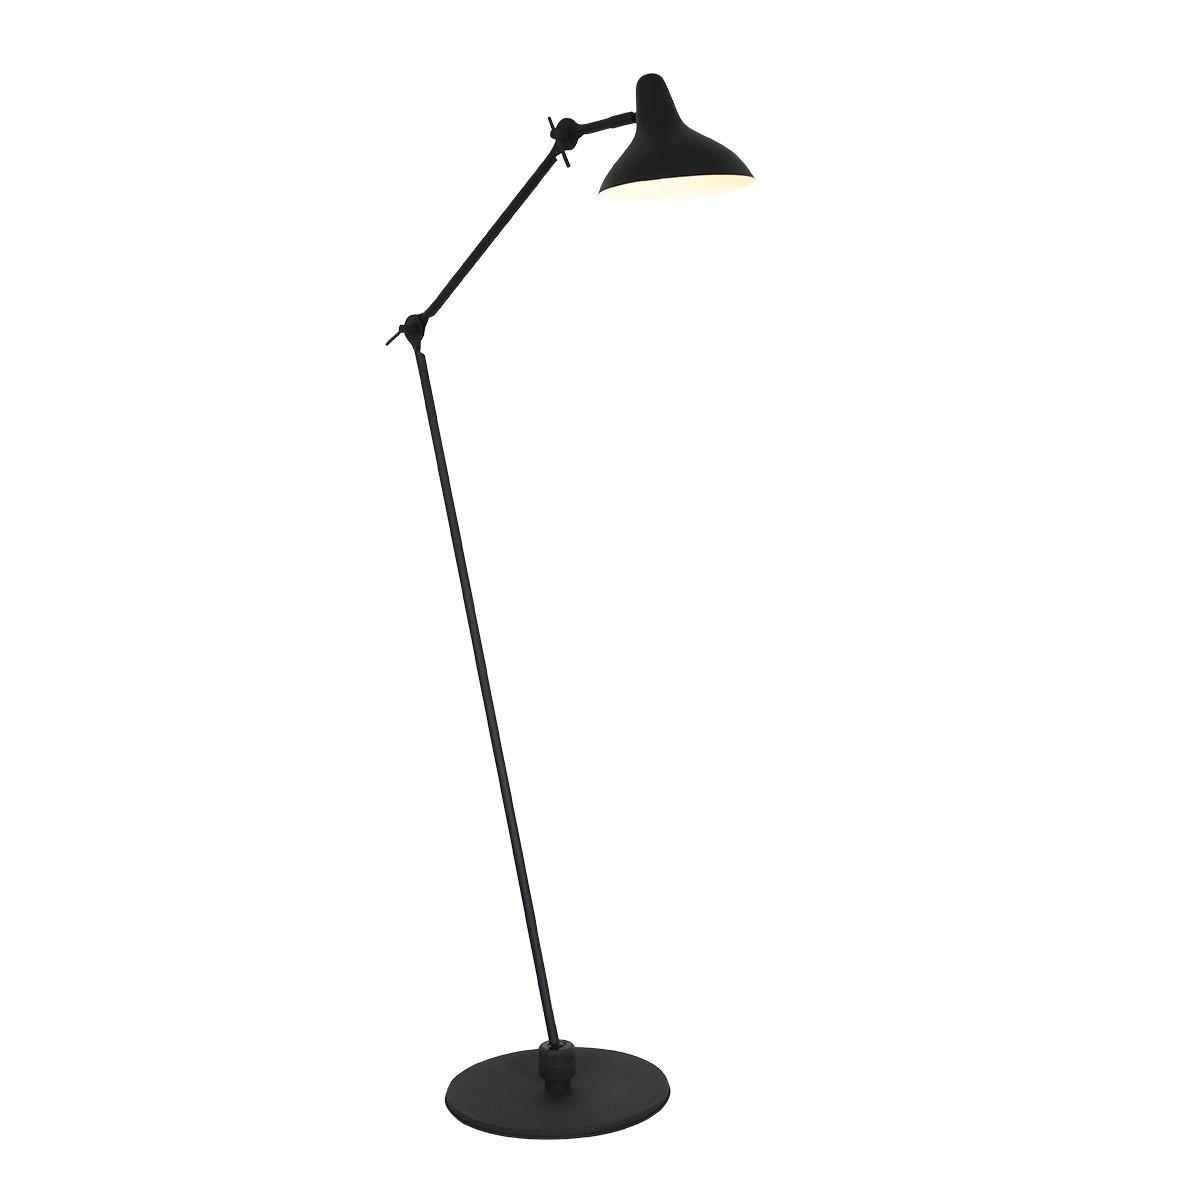 Vloerlamp Steinhauer Kasket